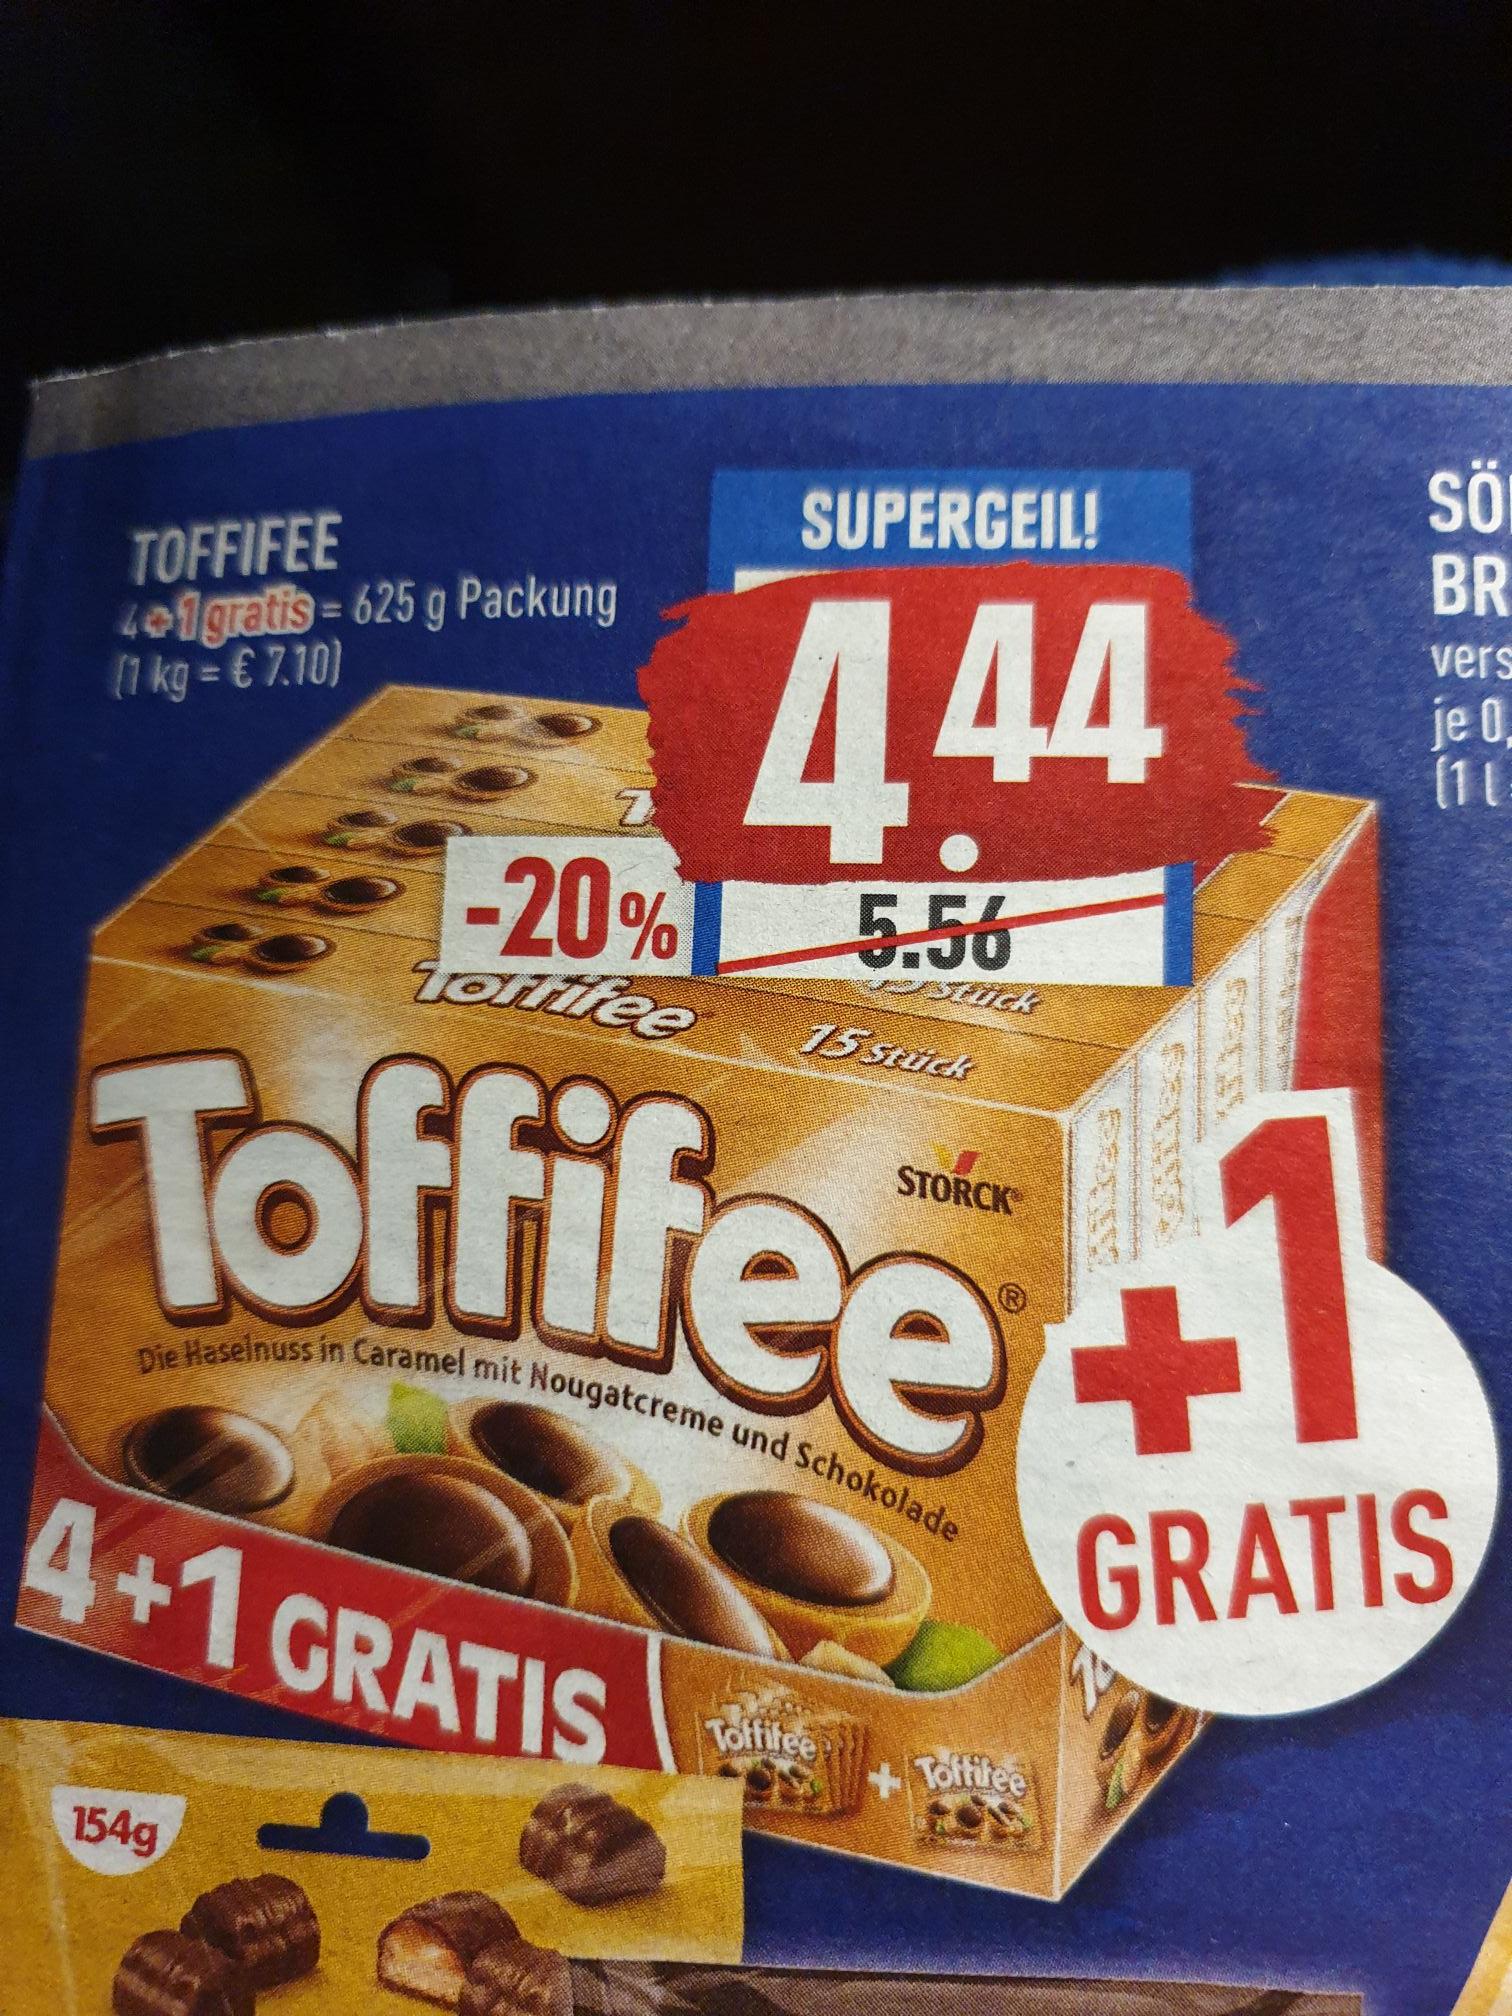 Toffifee 625g Packung 5x125g für 4,44€ ( Marktkauf+Edeka)